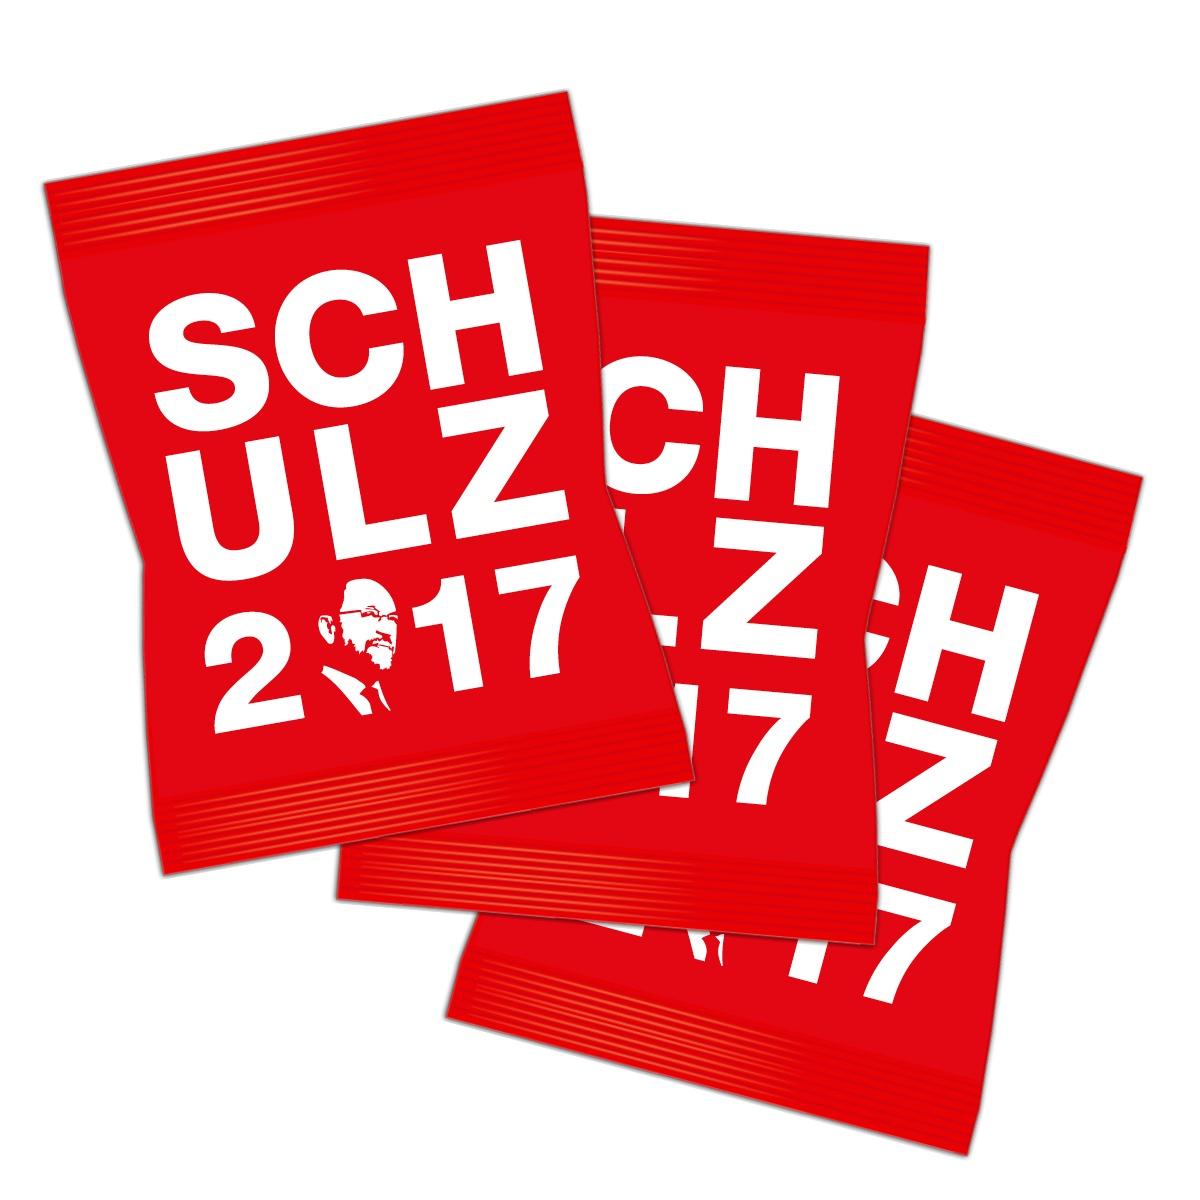 Zettels Kleines Zimmer zettels raum kurioses fast unkommentiert schulz 2017